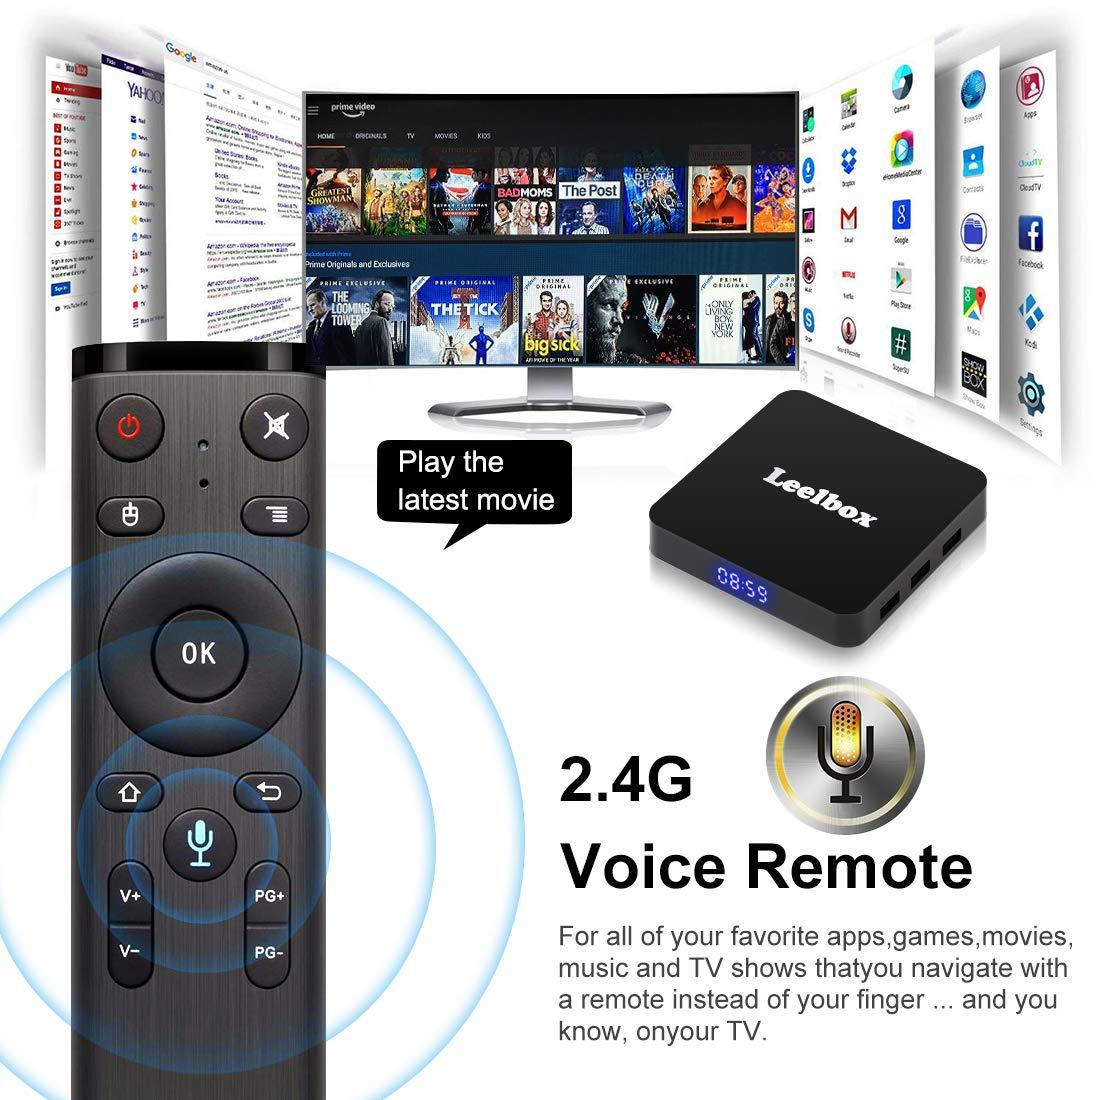 tv box android 8.1 4gb 64 gb telecomando vocale  Leelbox Q4 Android 8.1 TV BOX con telecomando vocale | TecnoGadget ...